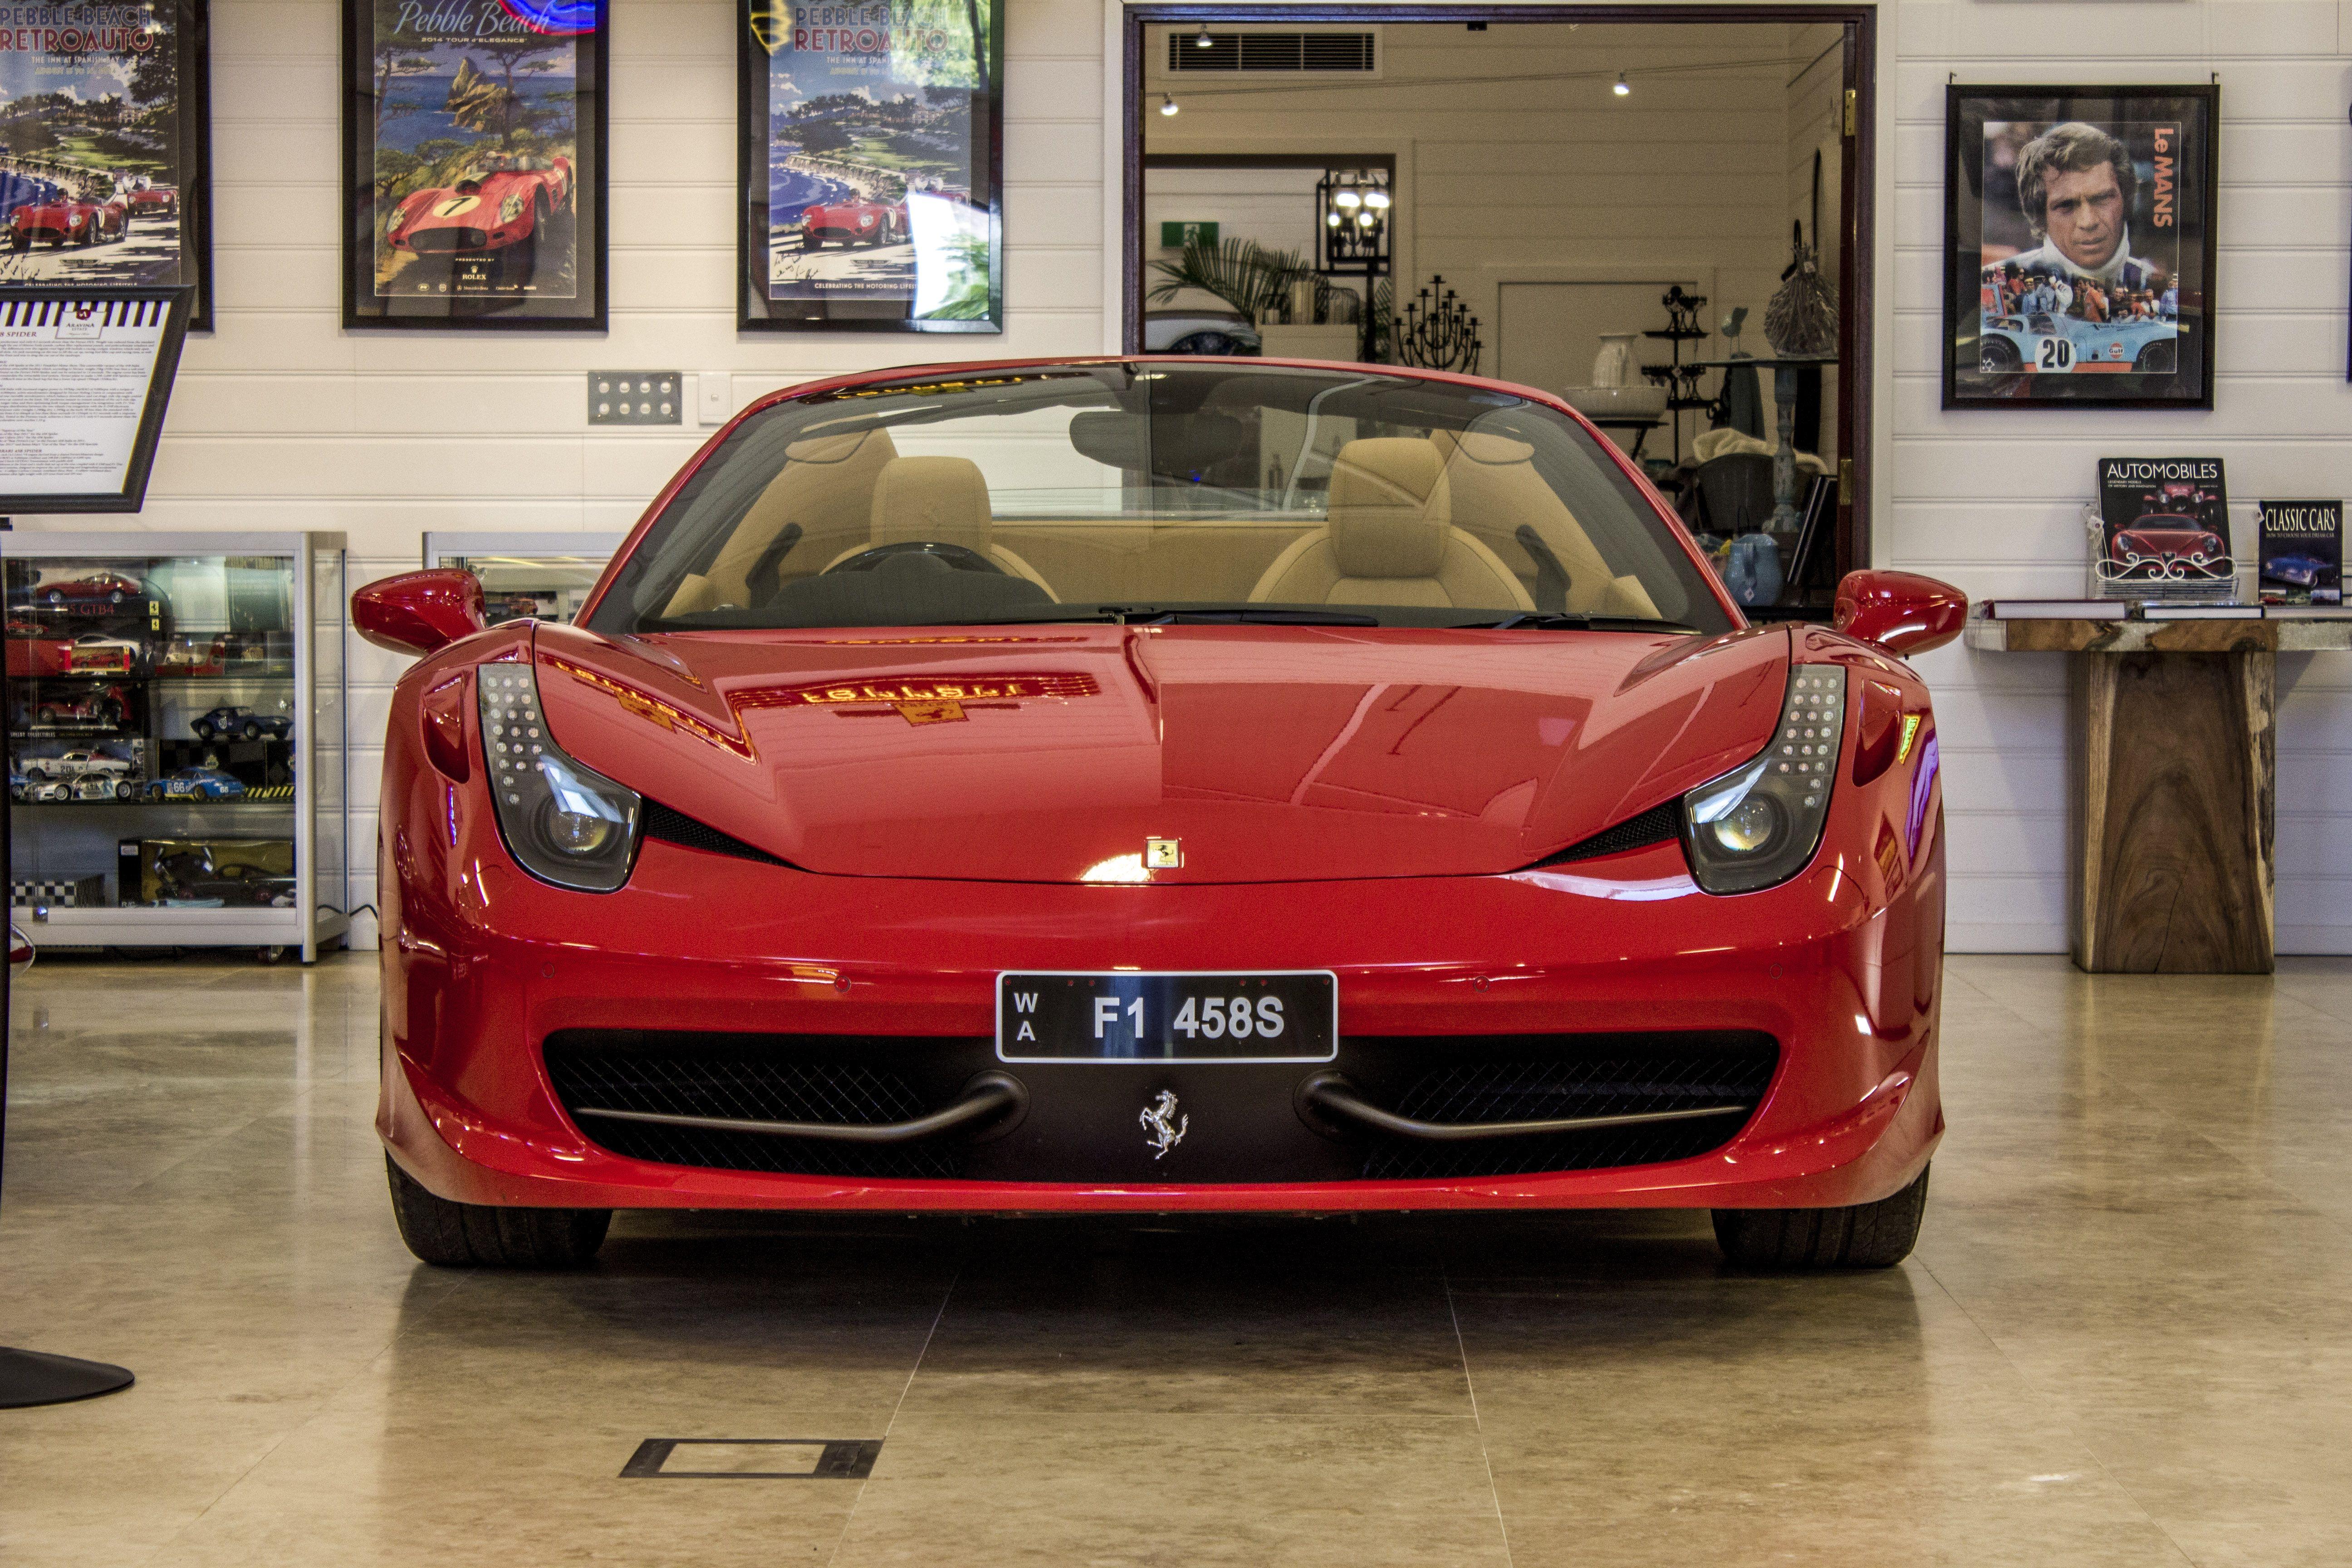 Ferrari 458 Italia Oc 5784x3456 R Carporn Ferrari 458 Ferrari 458 Italia Ferrari